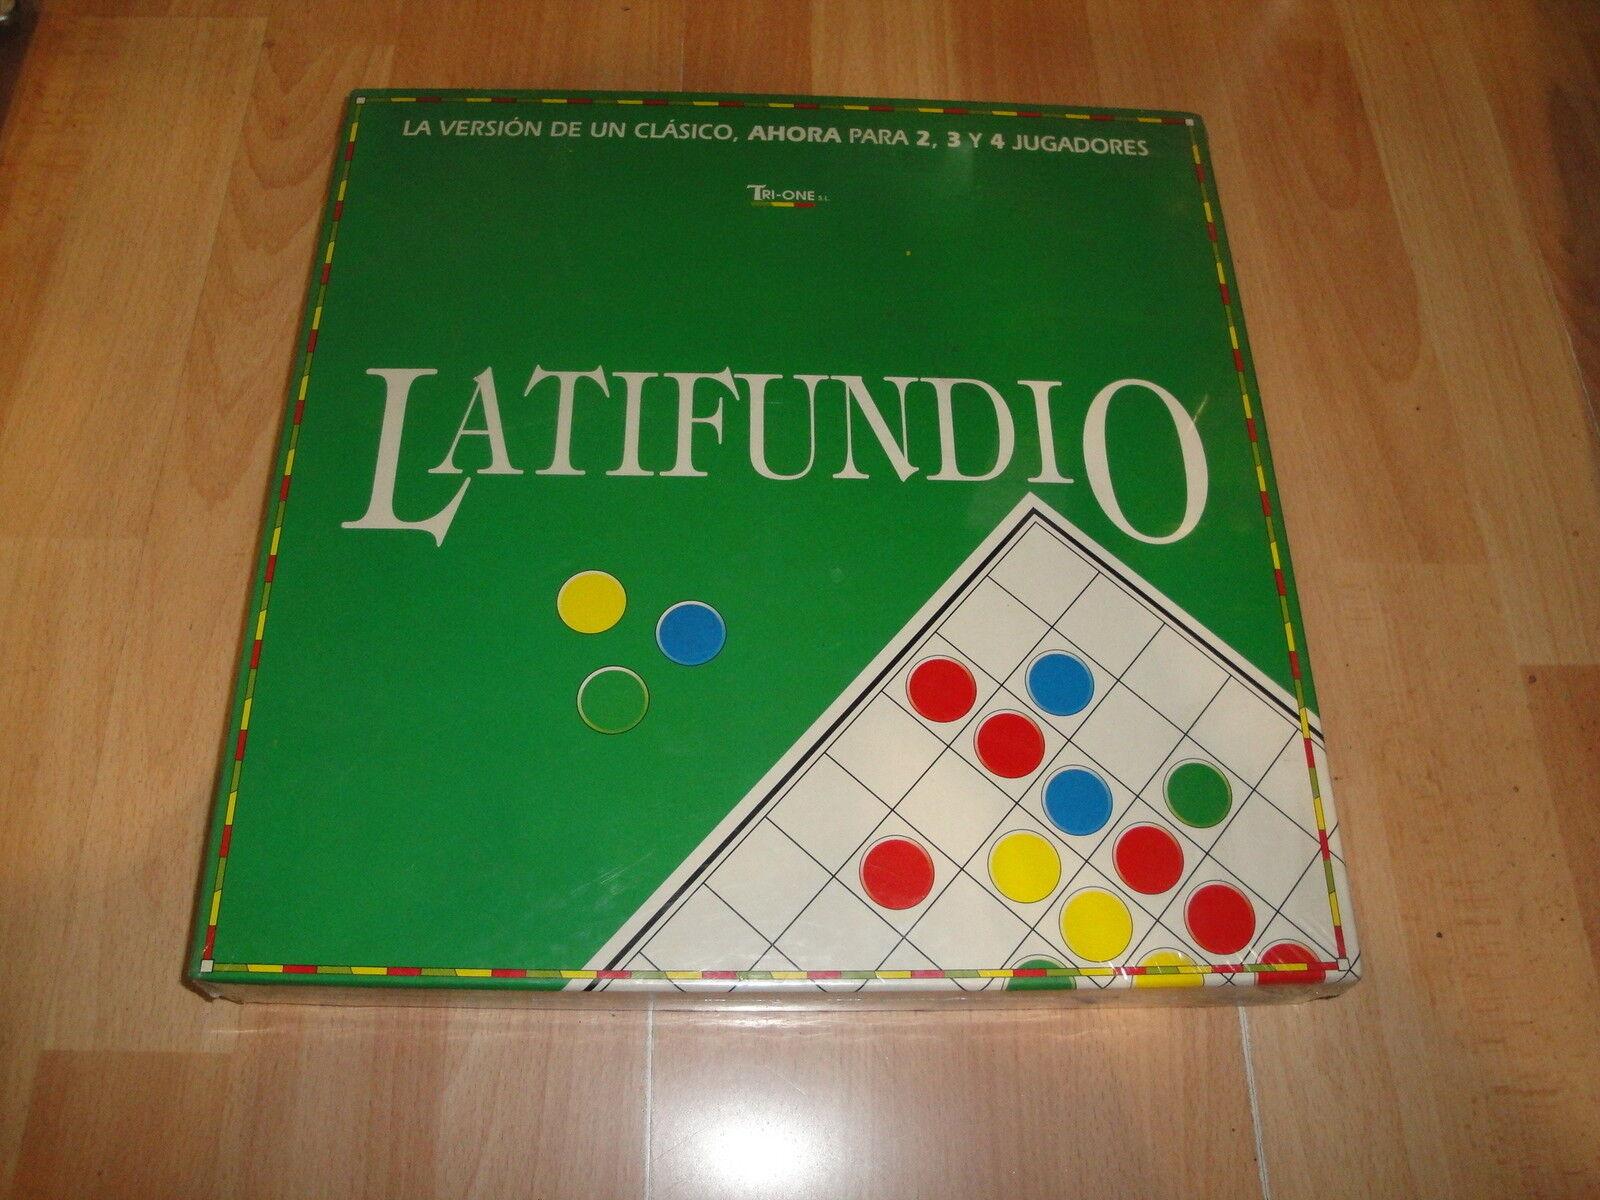 Latifundio juego de mesa de nuevo precintado pasos) de tri-one s.l.